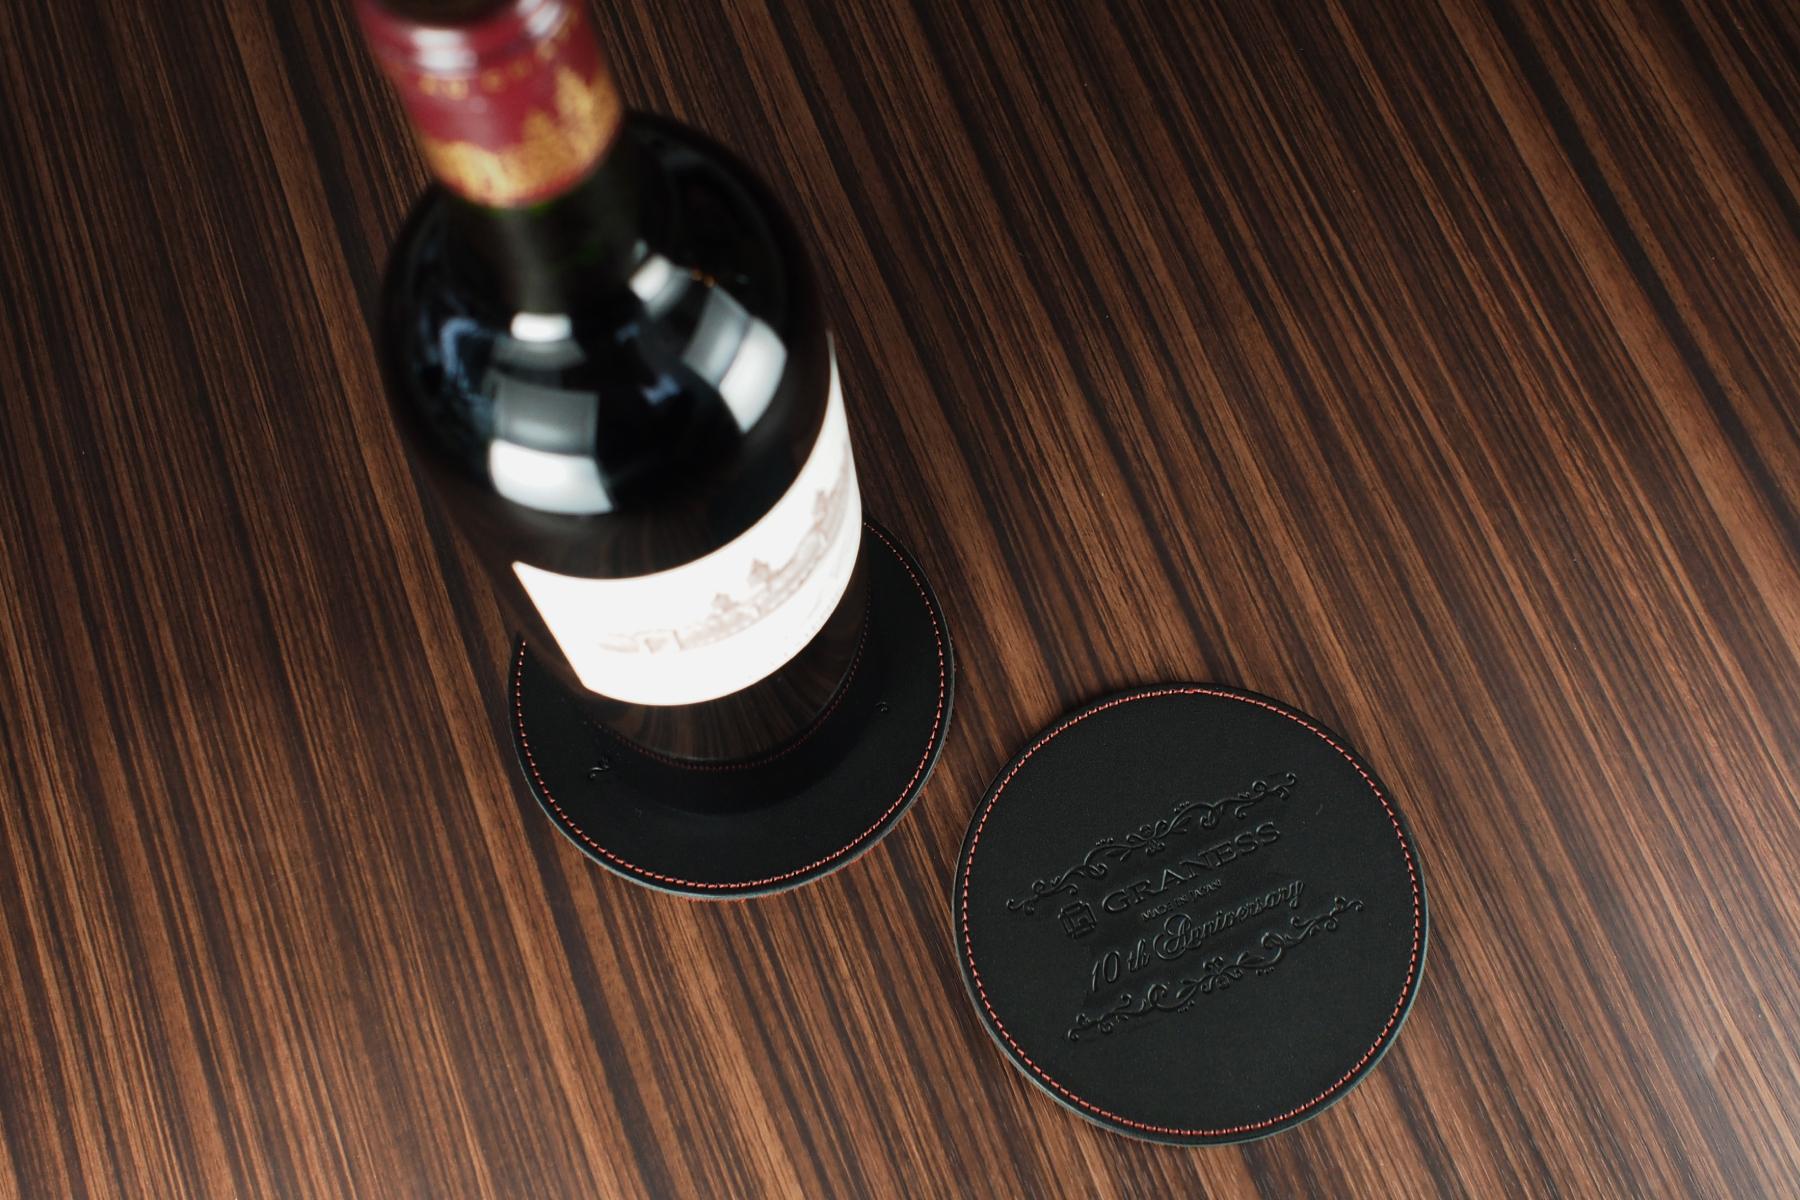 創立10周年記念品にレザーコースター2枚セット・円形を使用した例